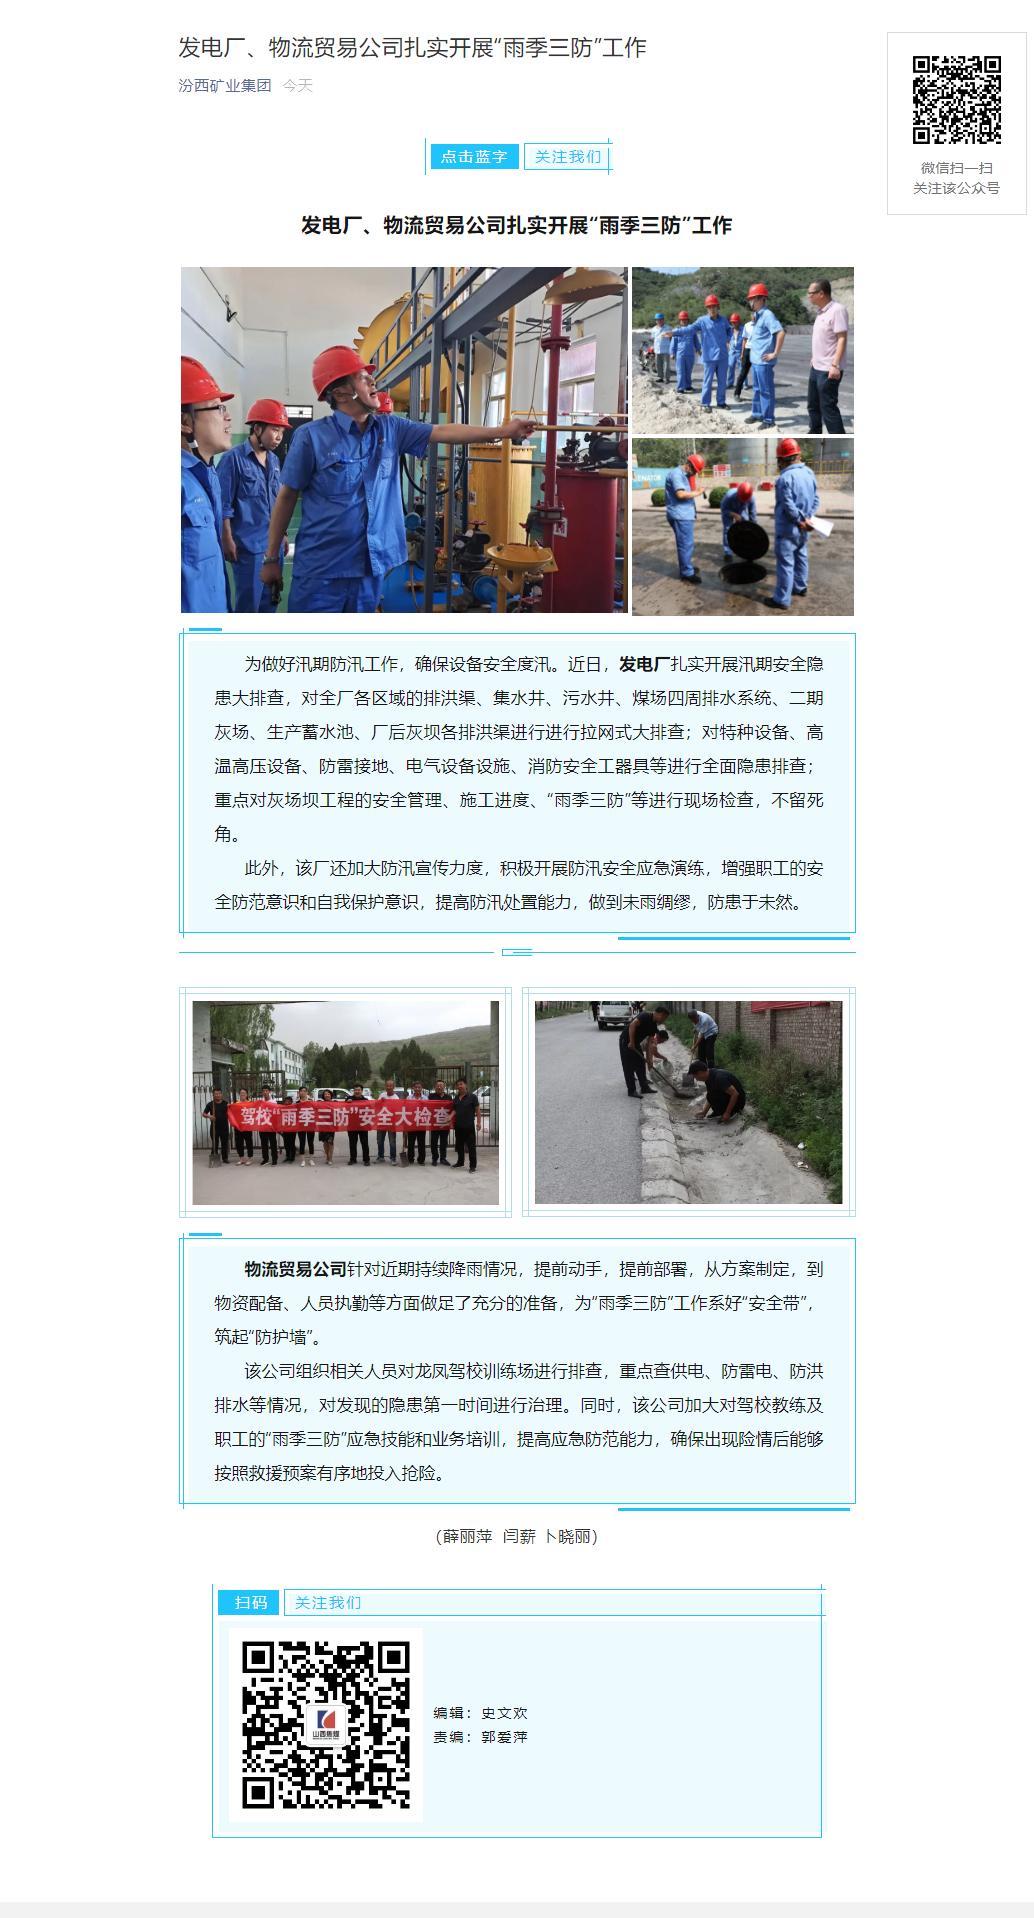 """发电厂、物流贸易公司扎实开展""""雨季三防""""工作.png"""